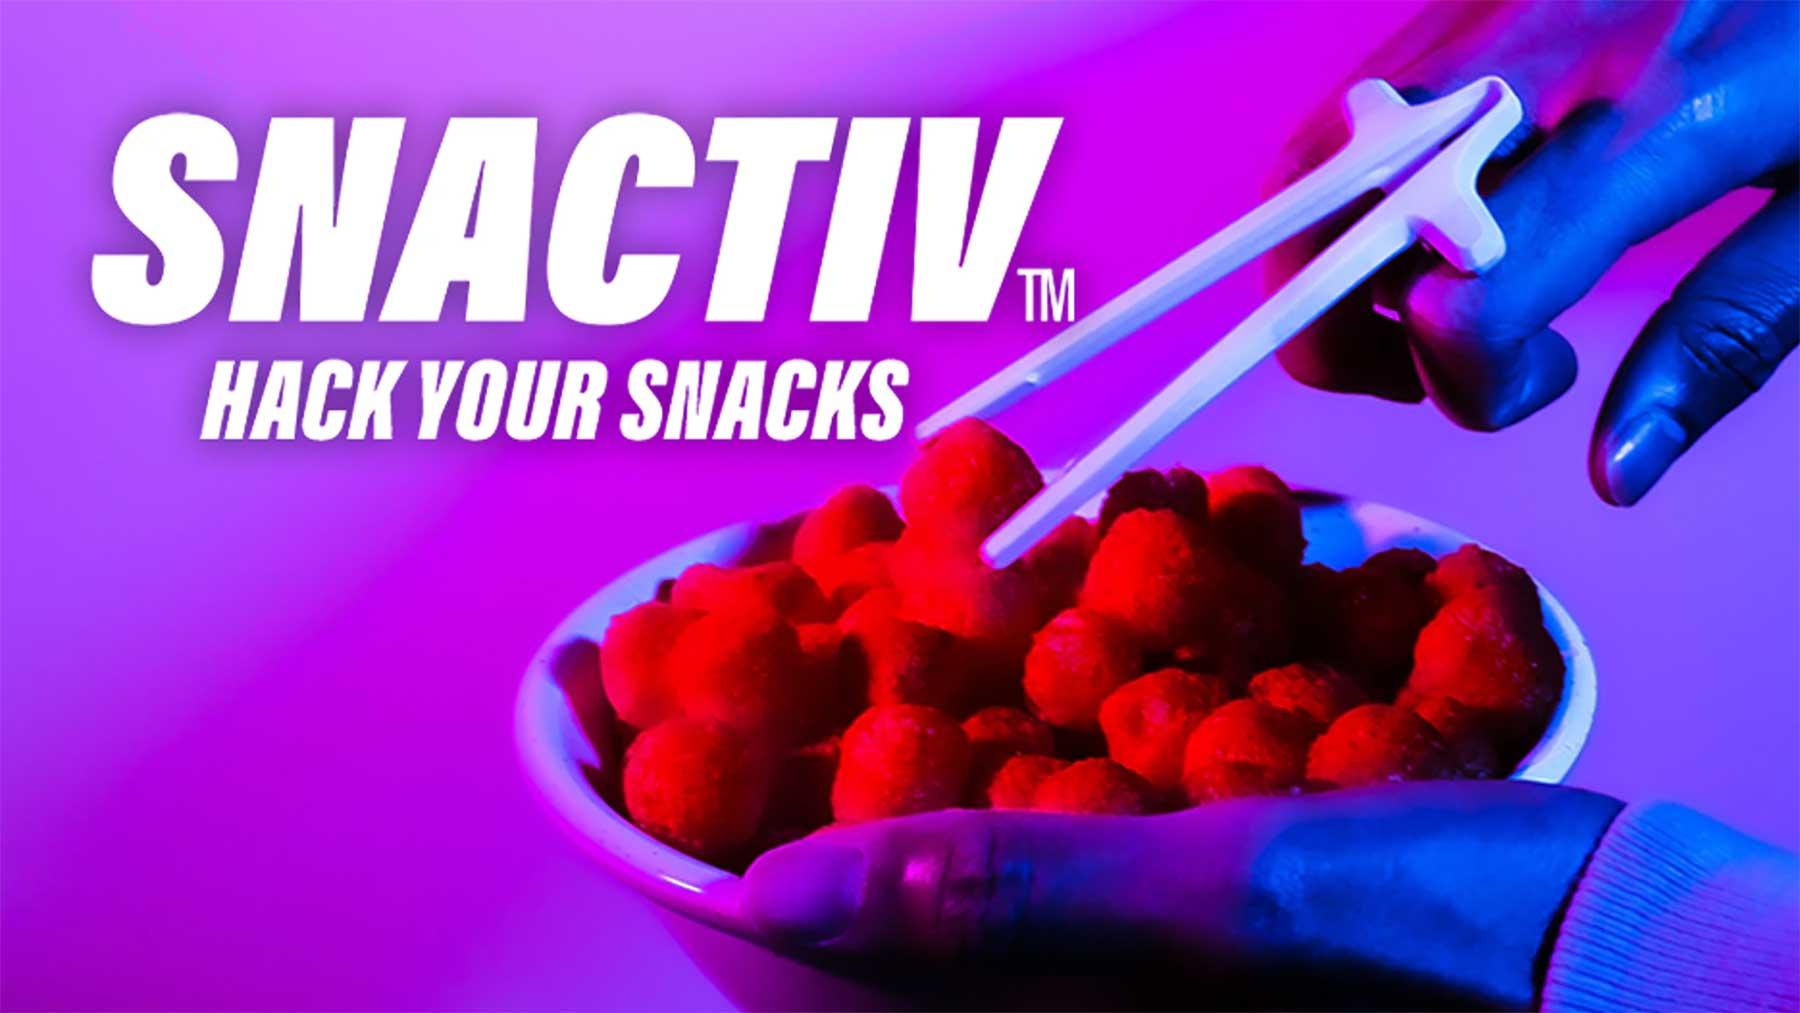 Snacken ohne Sauerei mit den SNACTIV-Essstäbchen snactiv-essstaebchen-zocken-arbeiten